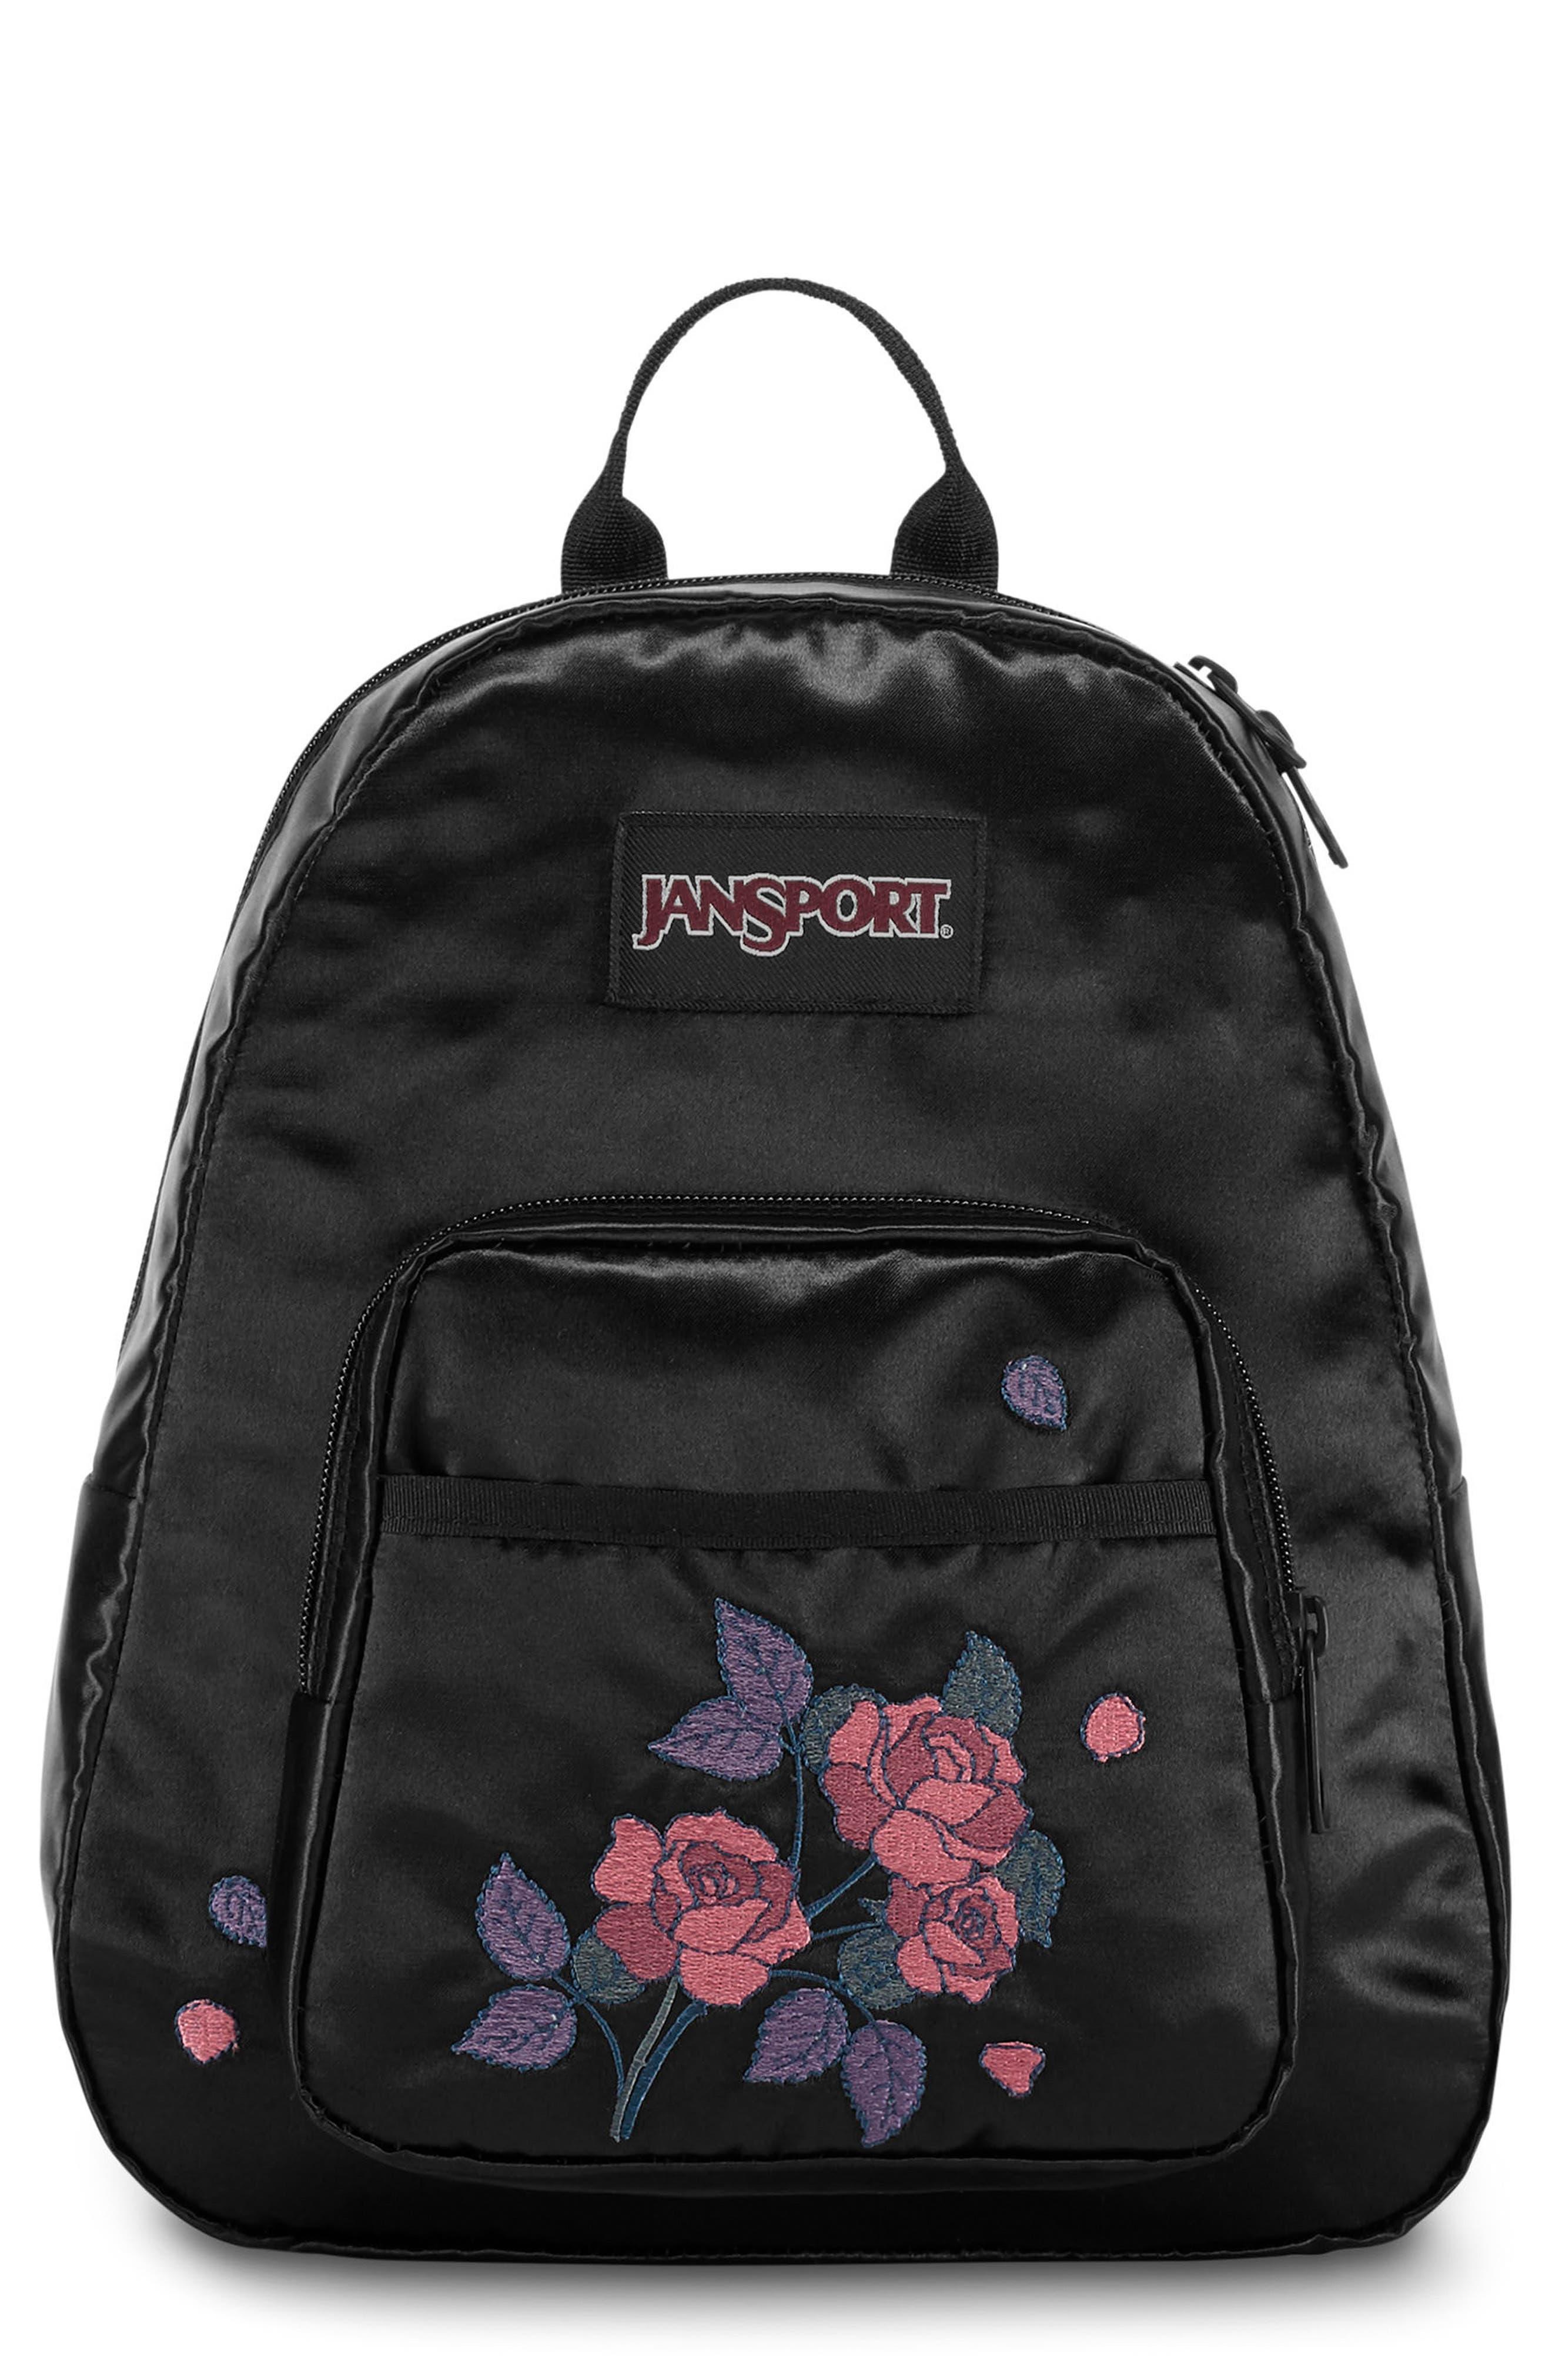 Half Pint FX Backpack,                             Main thumbnail 1, color,                             SATIN ROSE